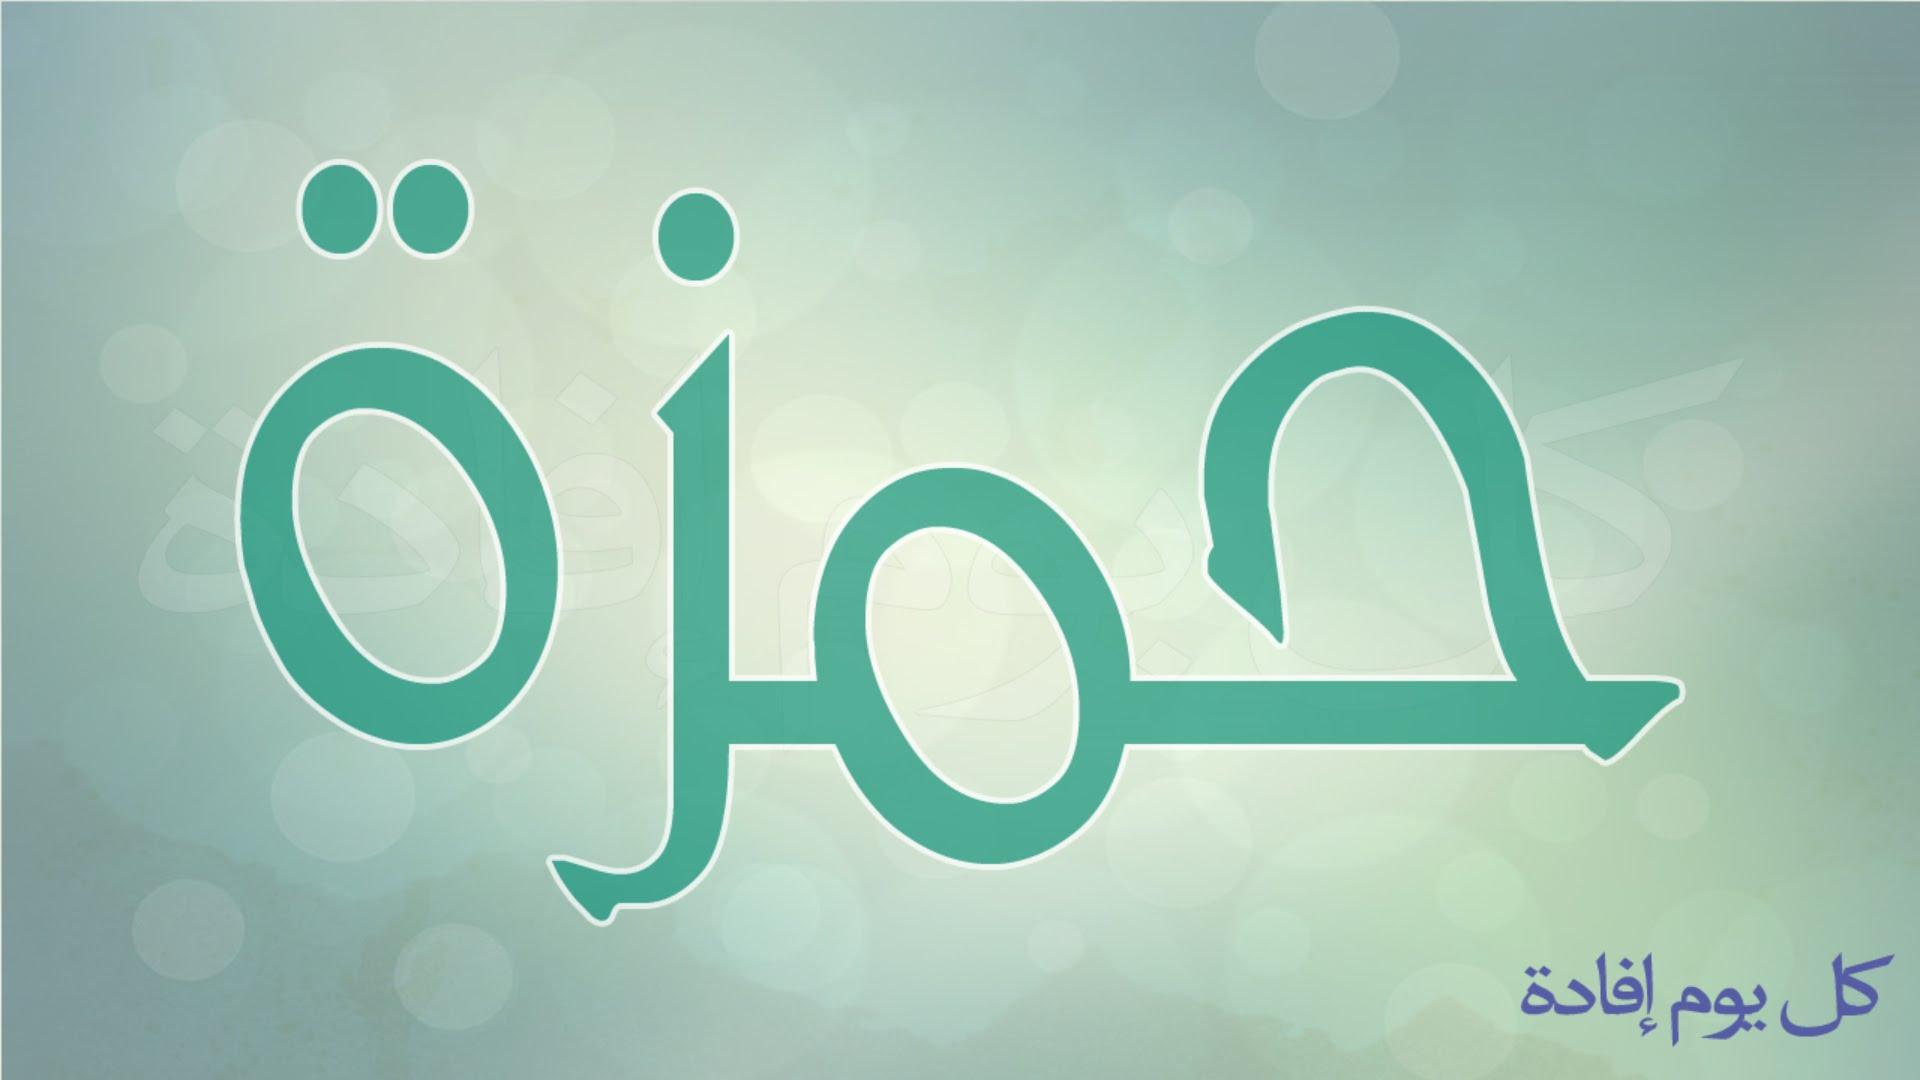 صورة معنى اسم حمزة , معني اسم حمزة شامل وبالتفصيل